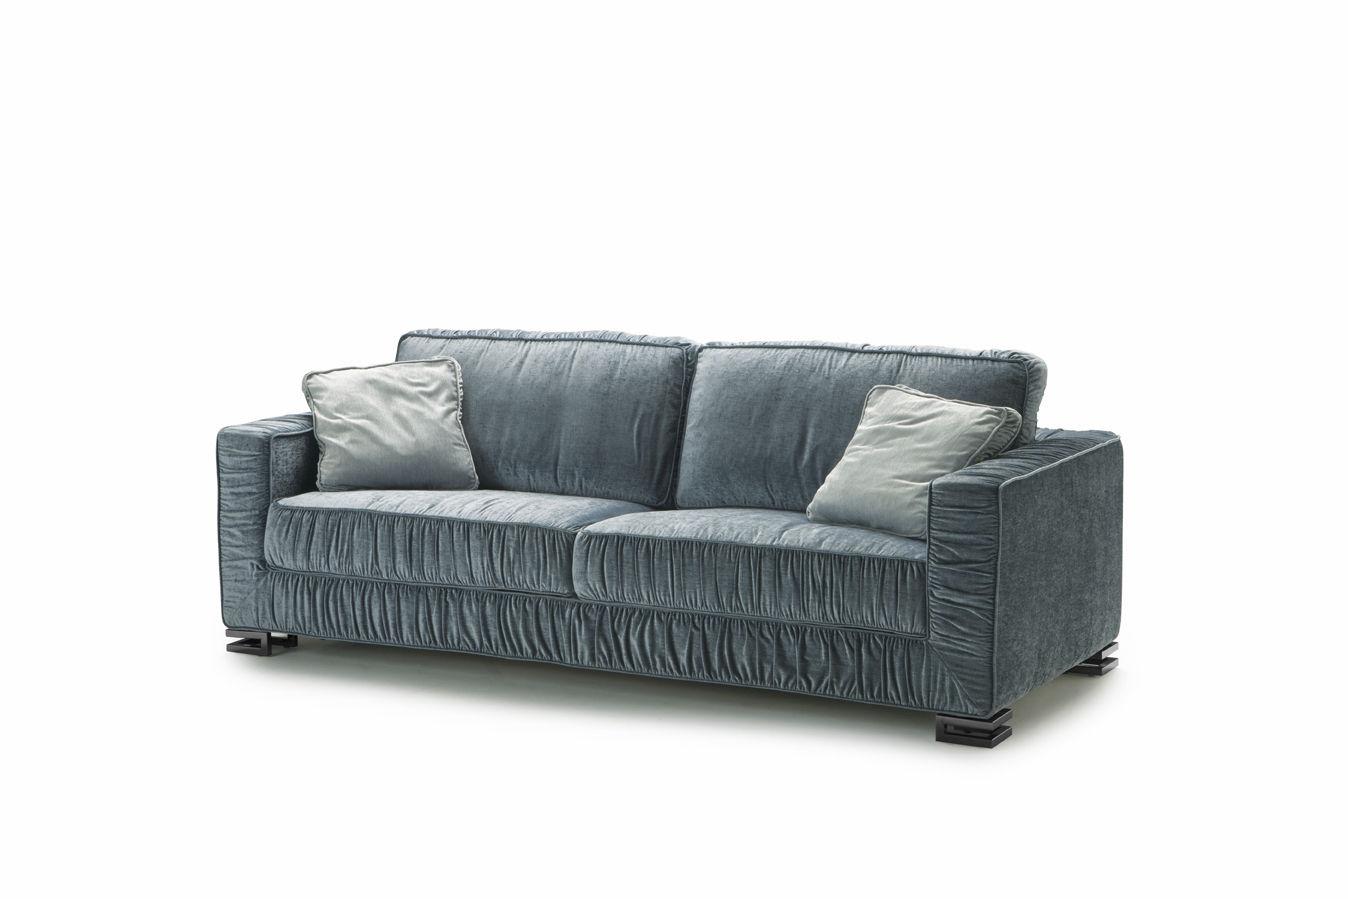 Sofa Bed Art Deco Fabric 2 Person